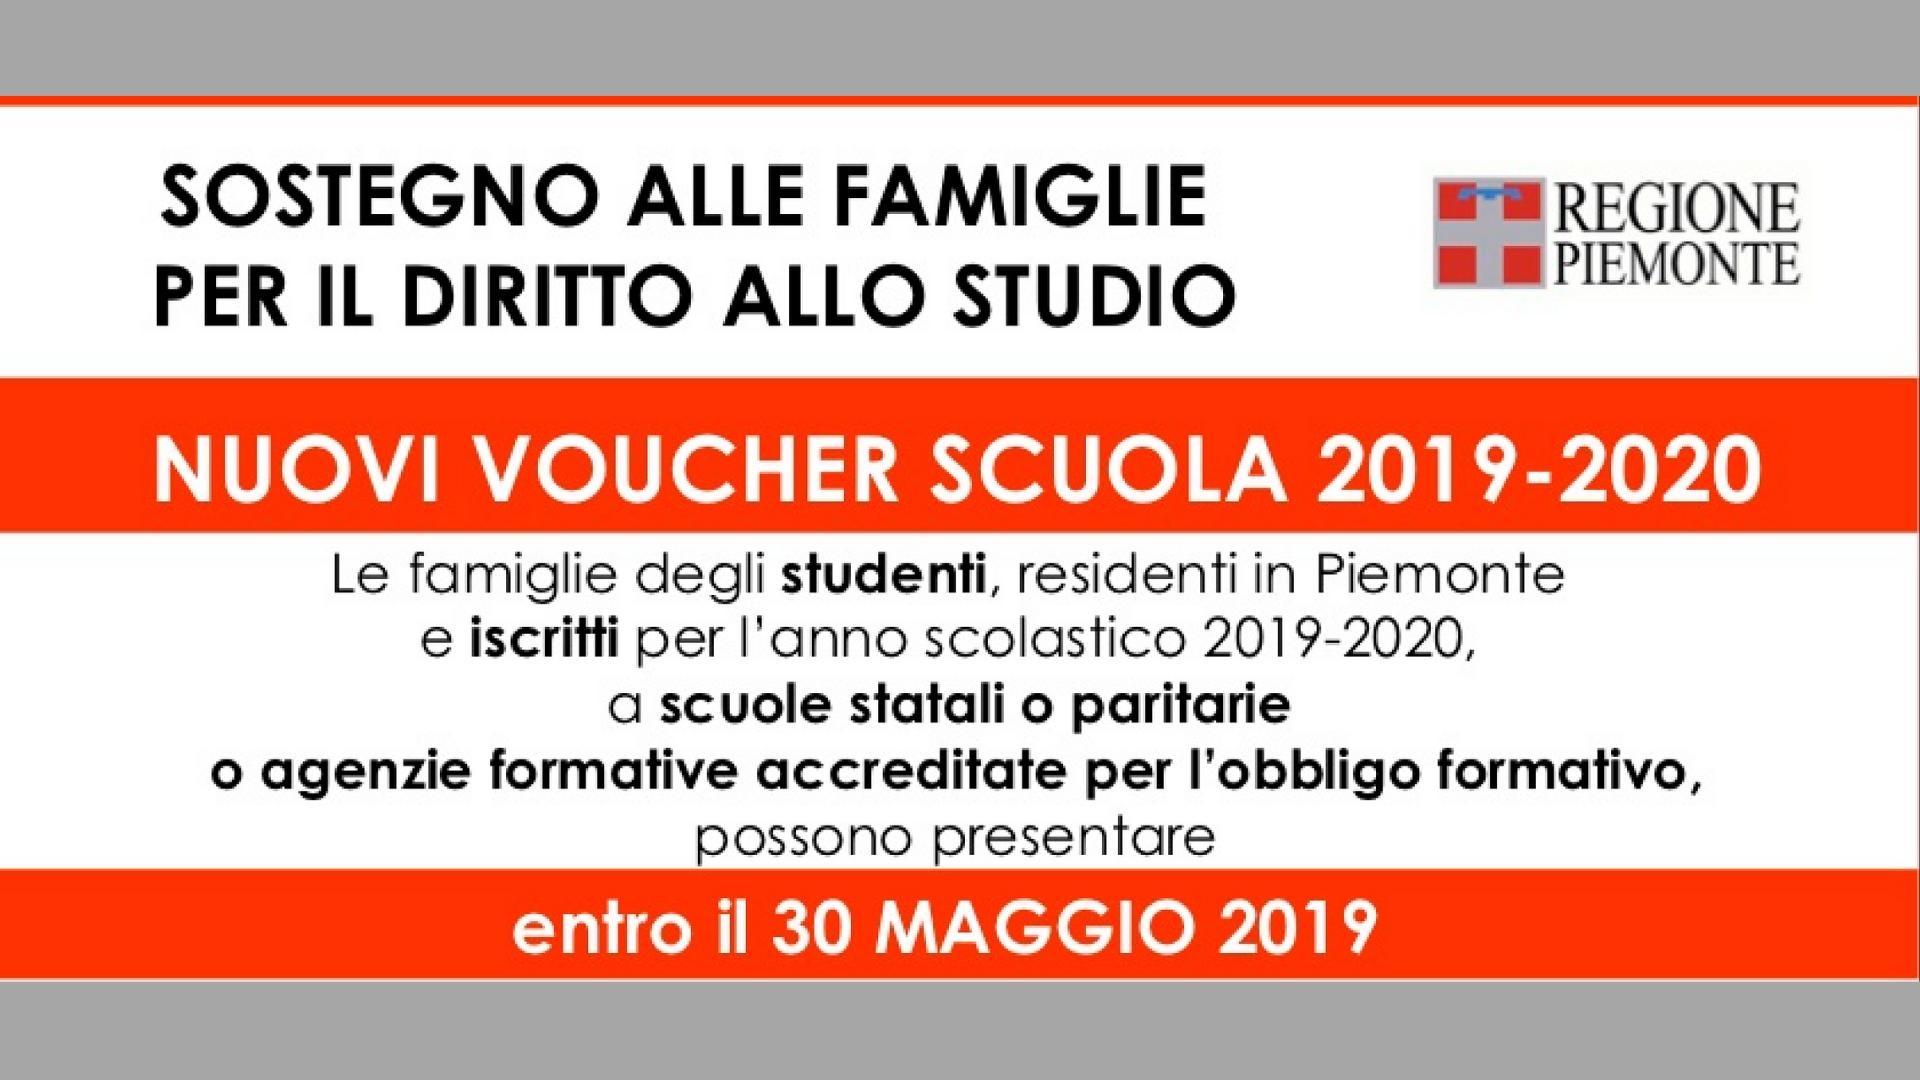 Calendario Scolastico 201920 Piemonte.Regione Piemonte Archivi Salesiani Piemonte E Valle D Aosta